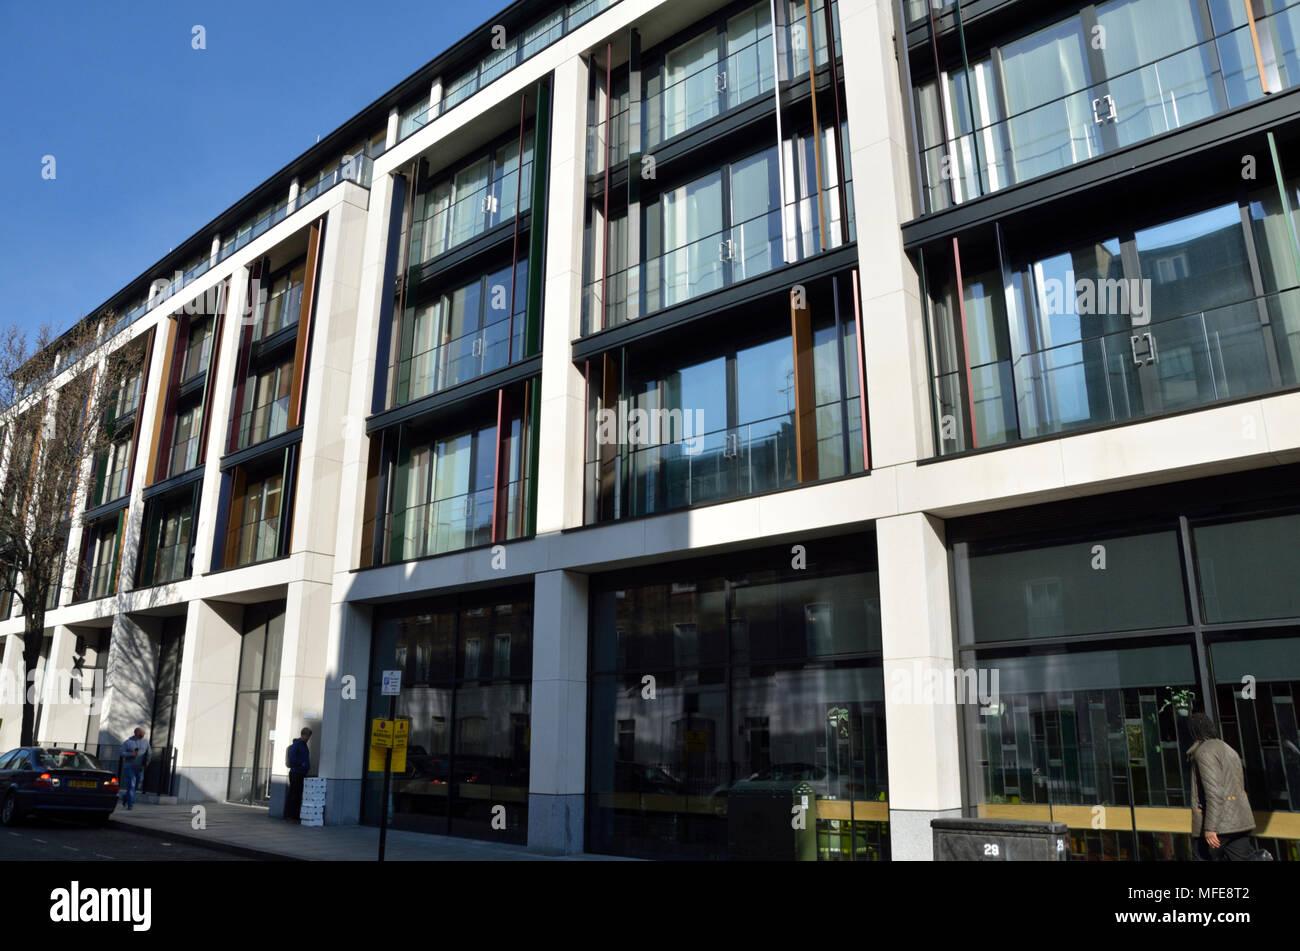 The Chilterns W1 luxury apartments, Marylebone, London, UK. Stock Photo